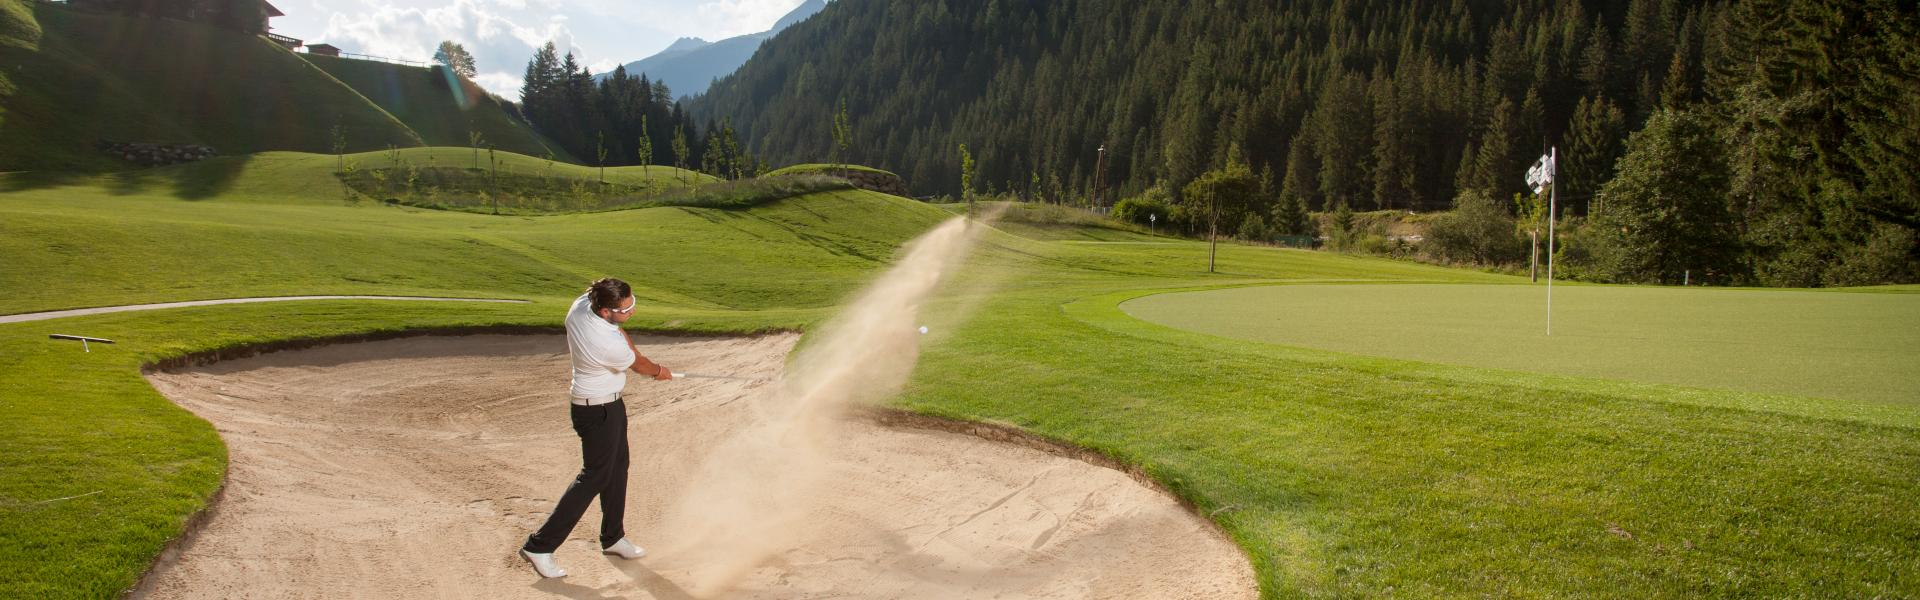 Freizeit - Golf - Headerbild